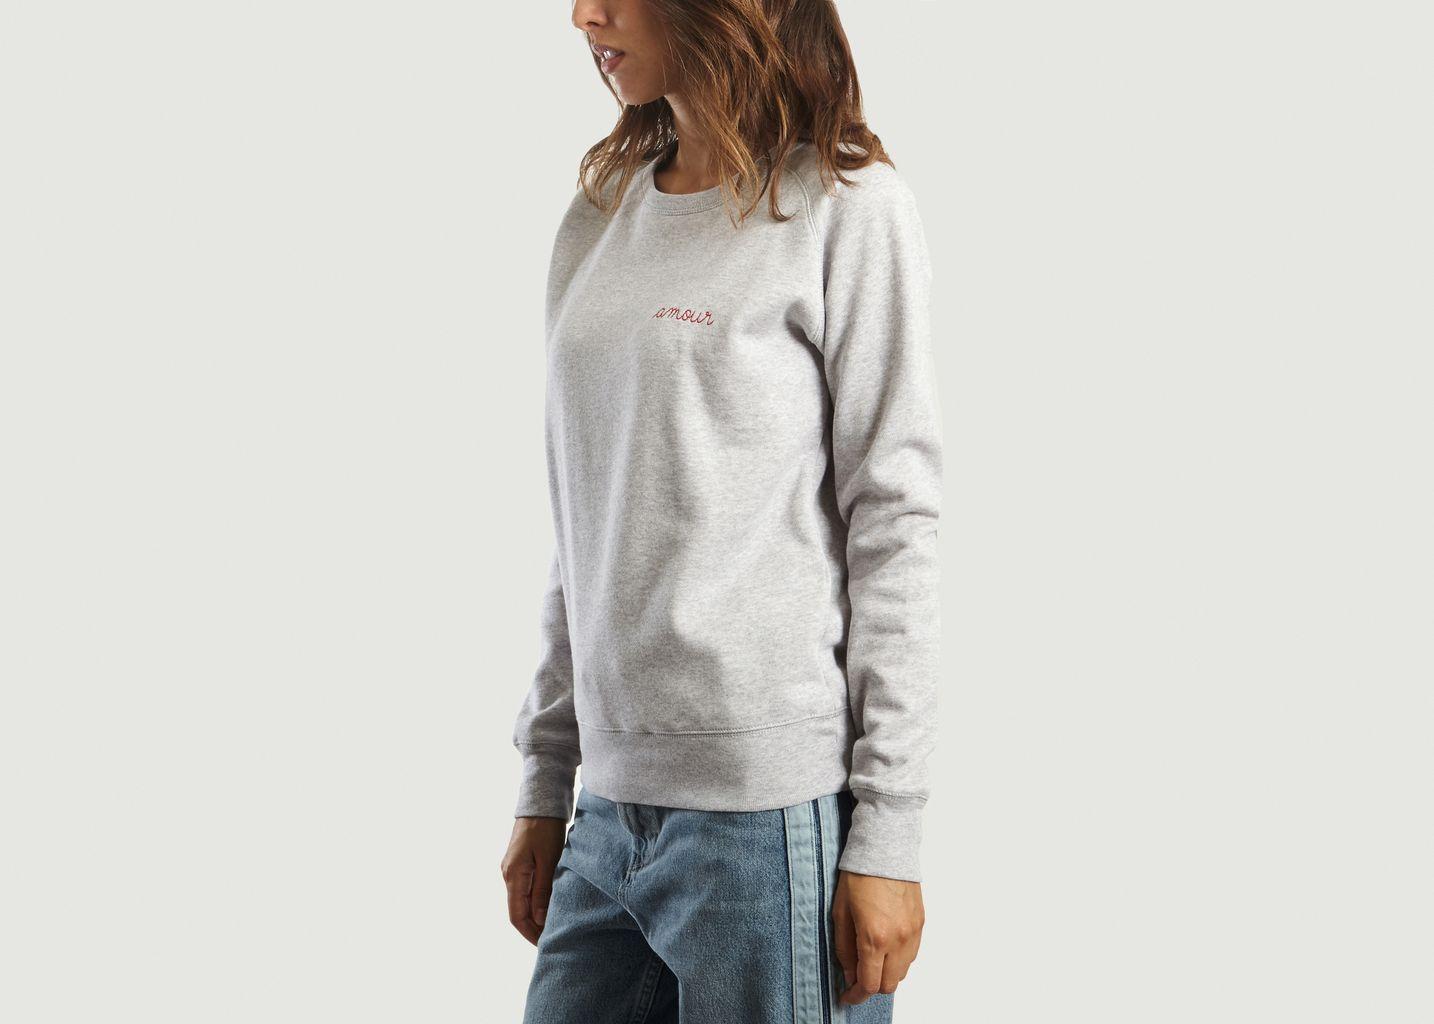 Sweatshirt Amour - Maison Labiche